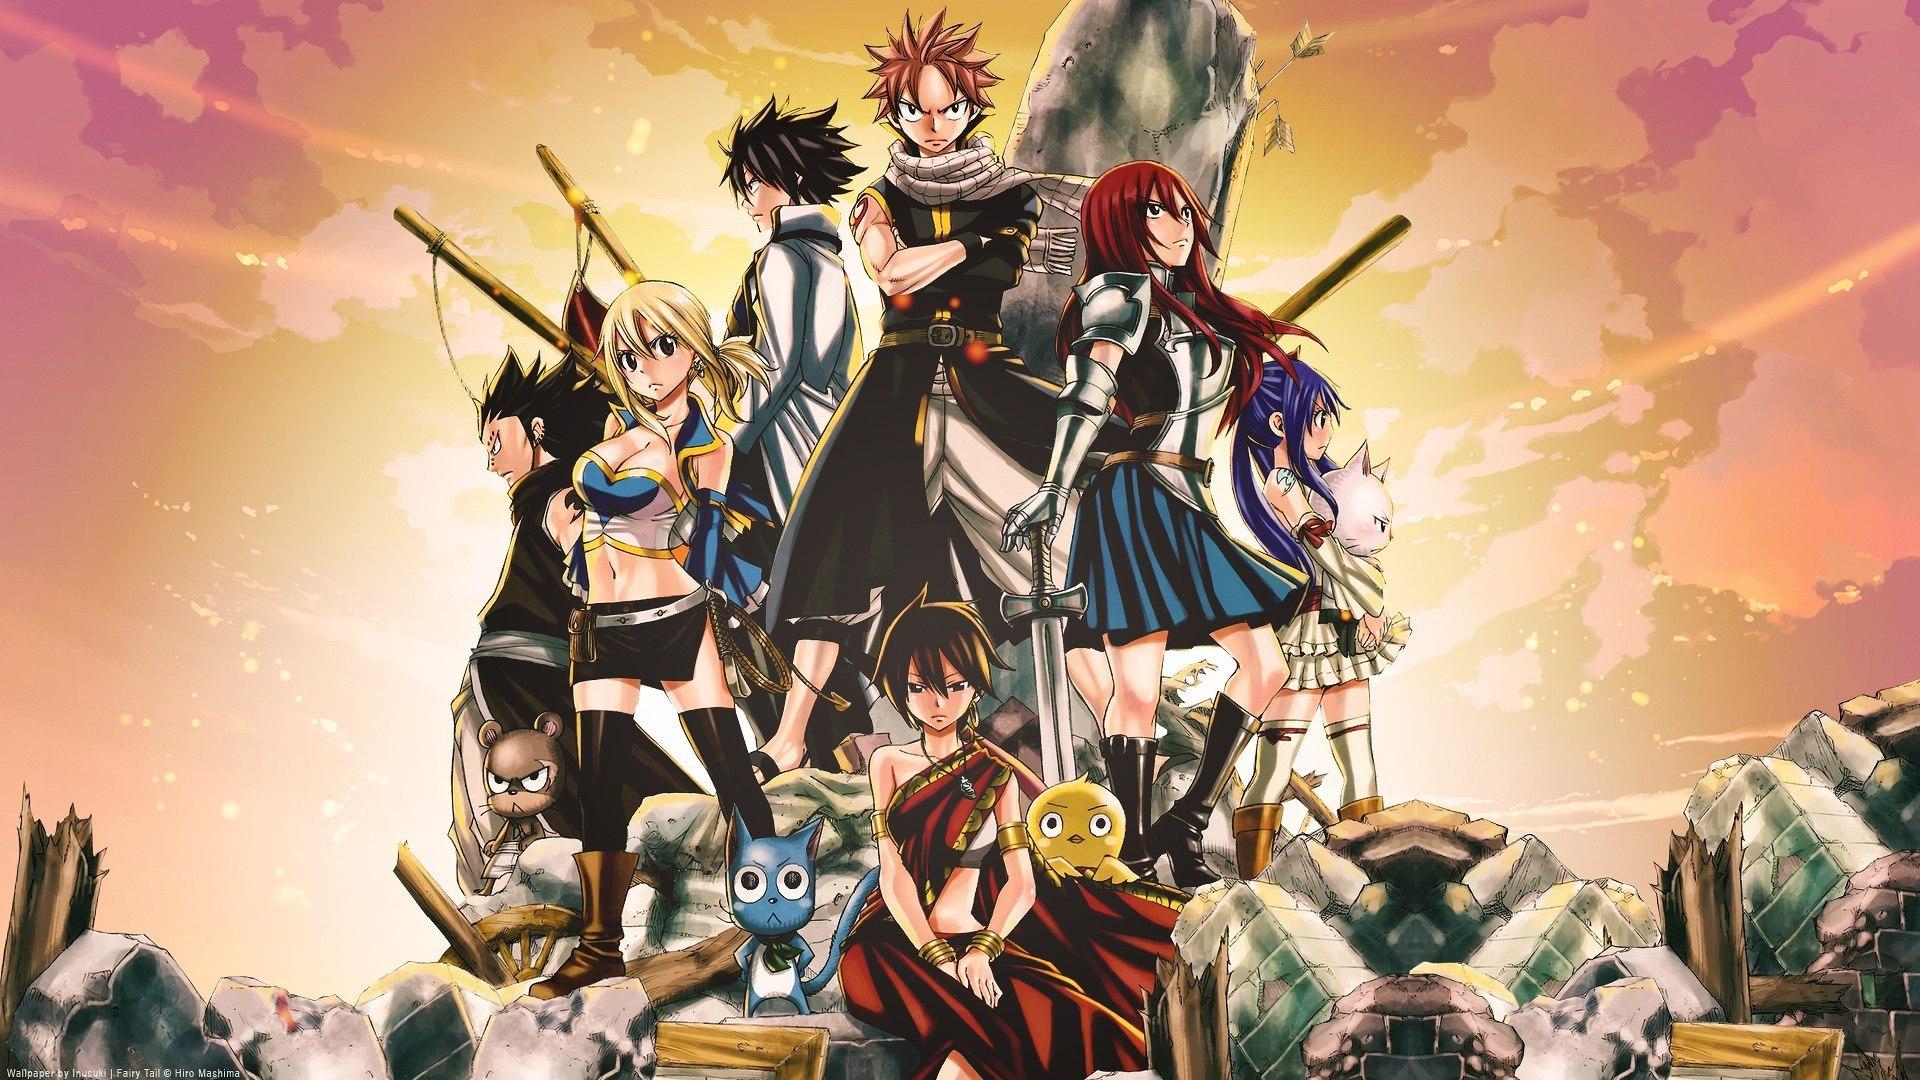 Wallpapers Hd Anime Fondos De Pantalla